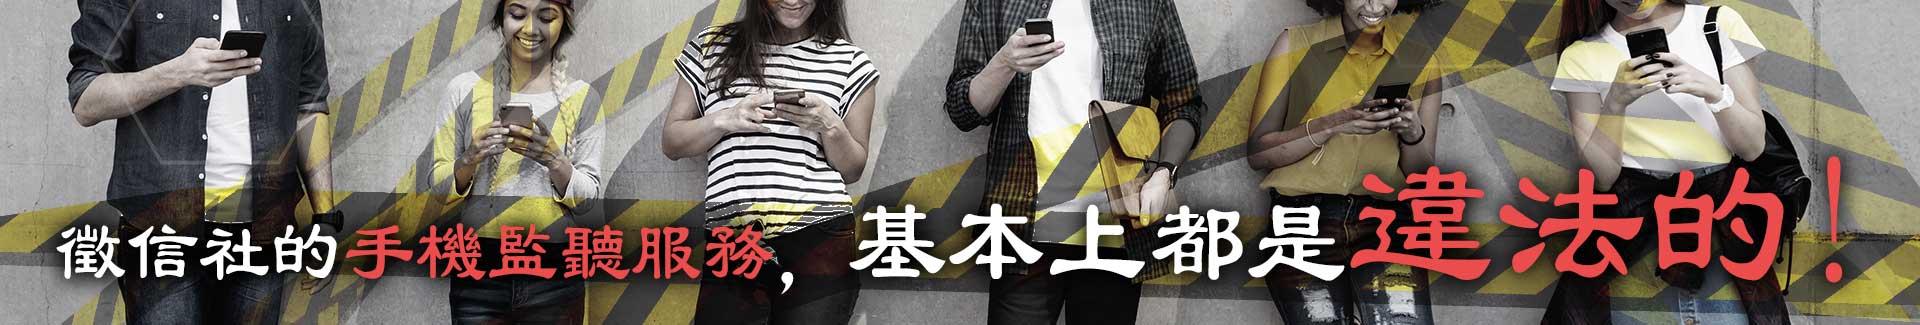 手機監聽服務基本上是違法